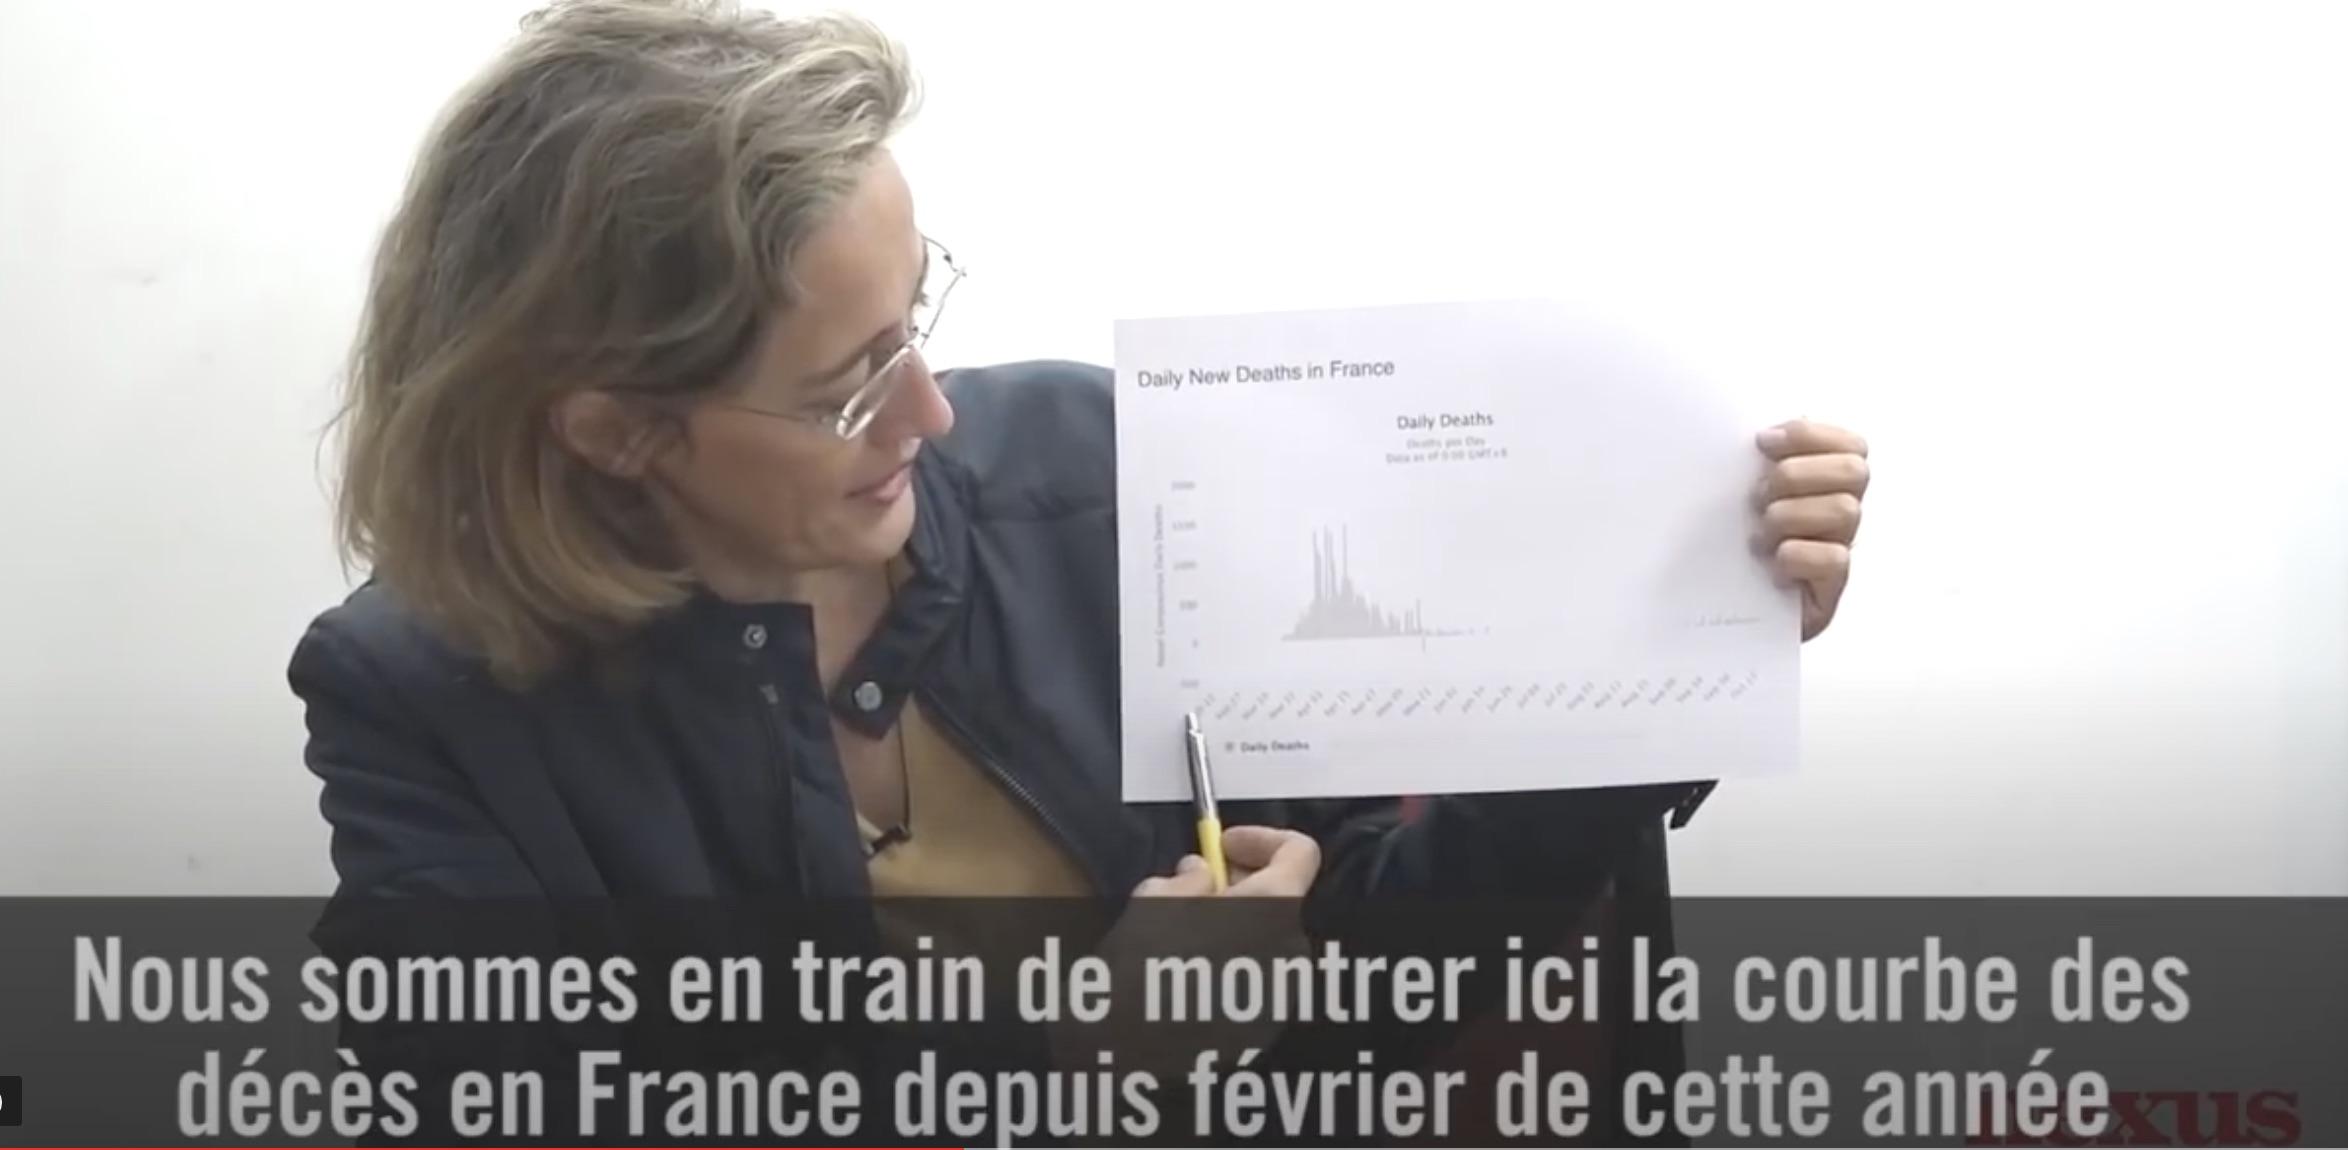 Alexandra Henrion : trop peu de morts du Covid pour parler de crise sanitaire !